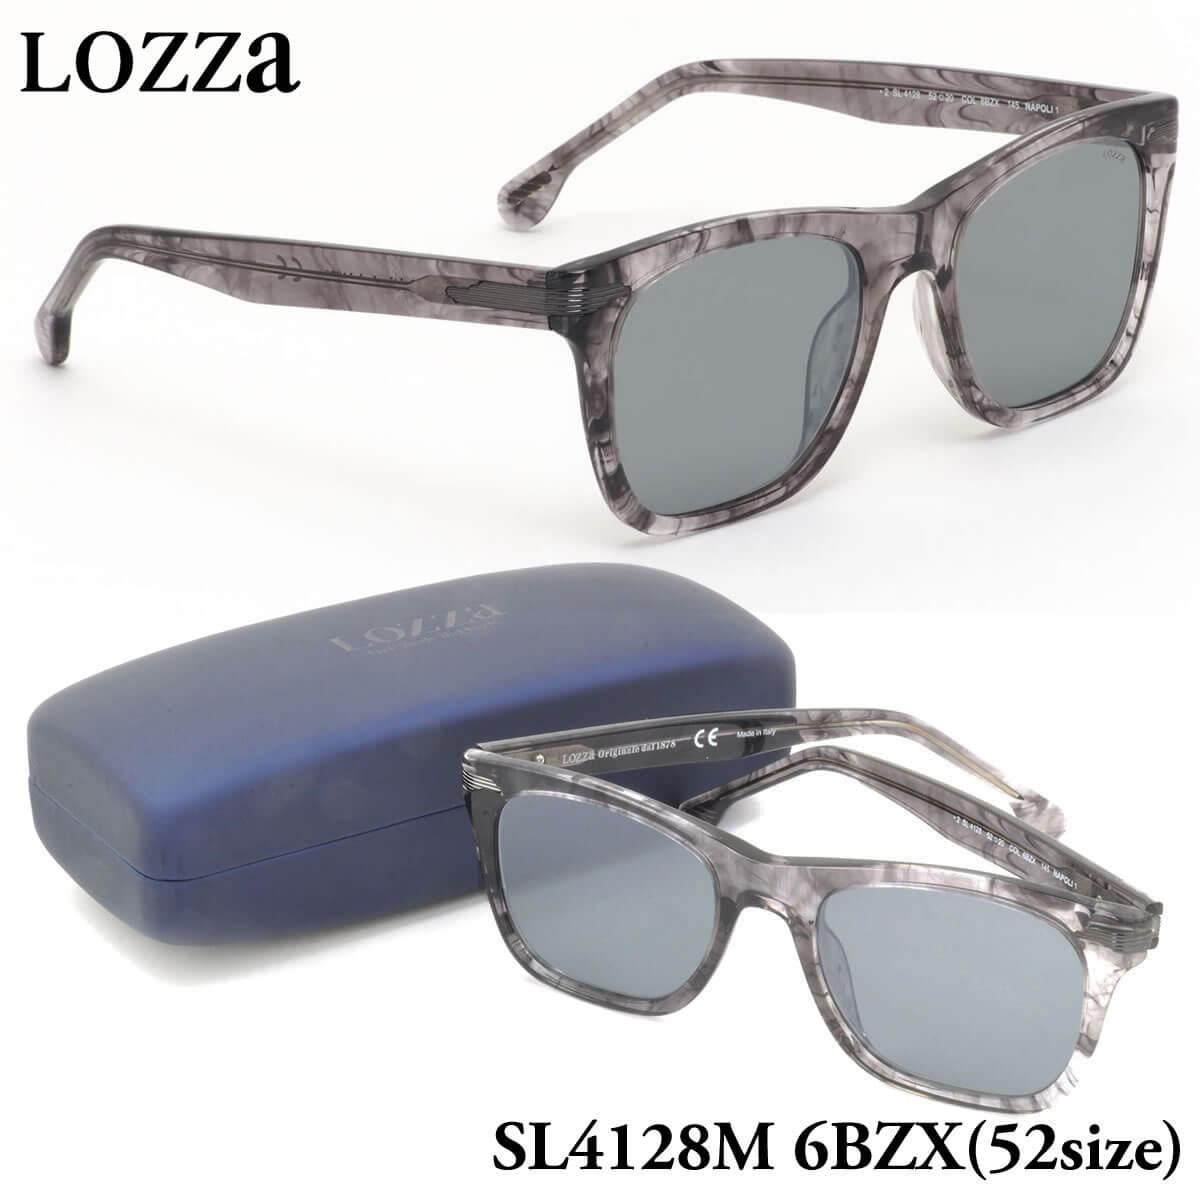 【ロッツァ】 (LOZZA) サングラスSL4128M 6BZX 52サイズNAPOLI 1 ミラーレンズLOZZA メンズ レディース